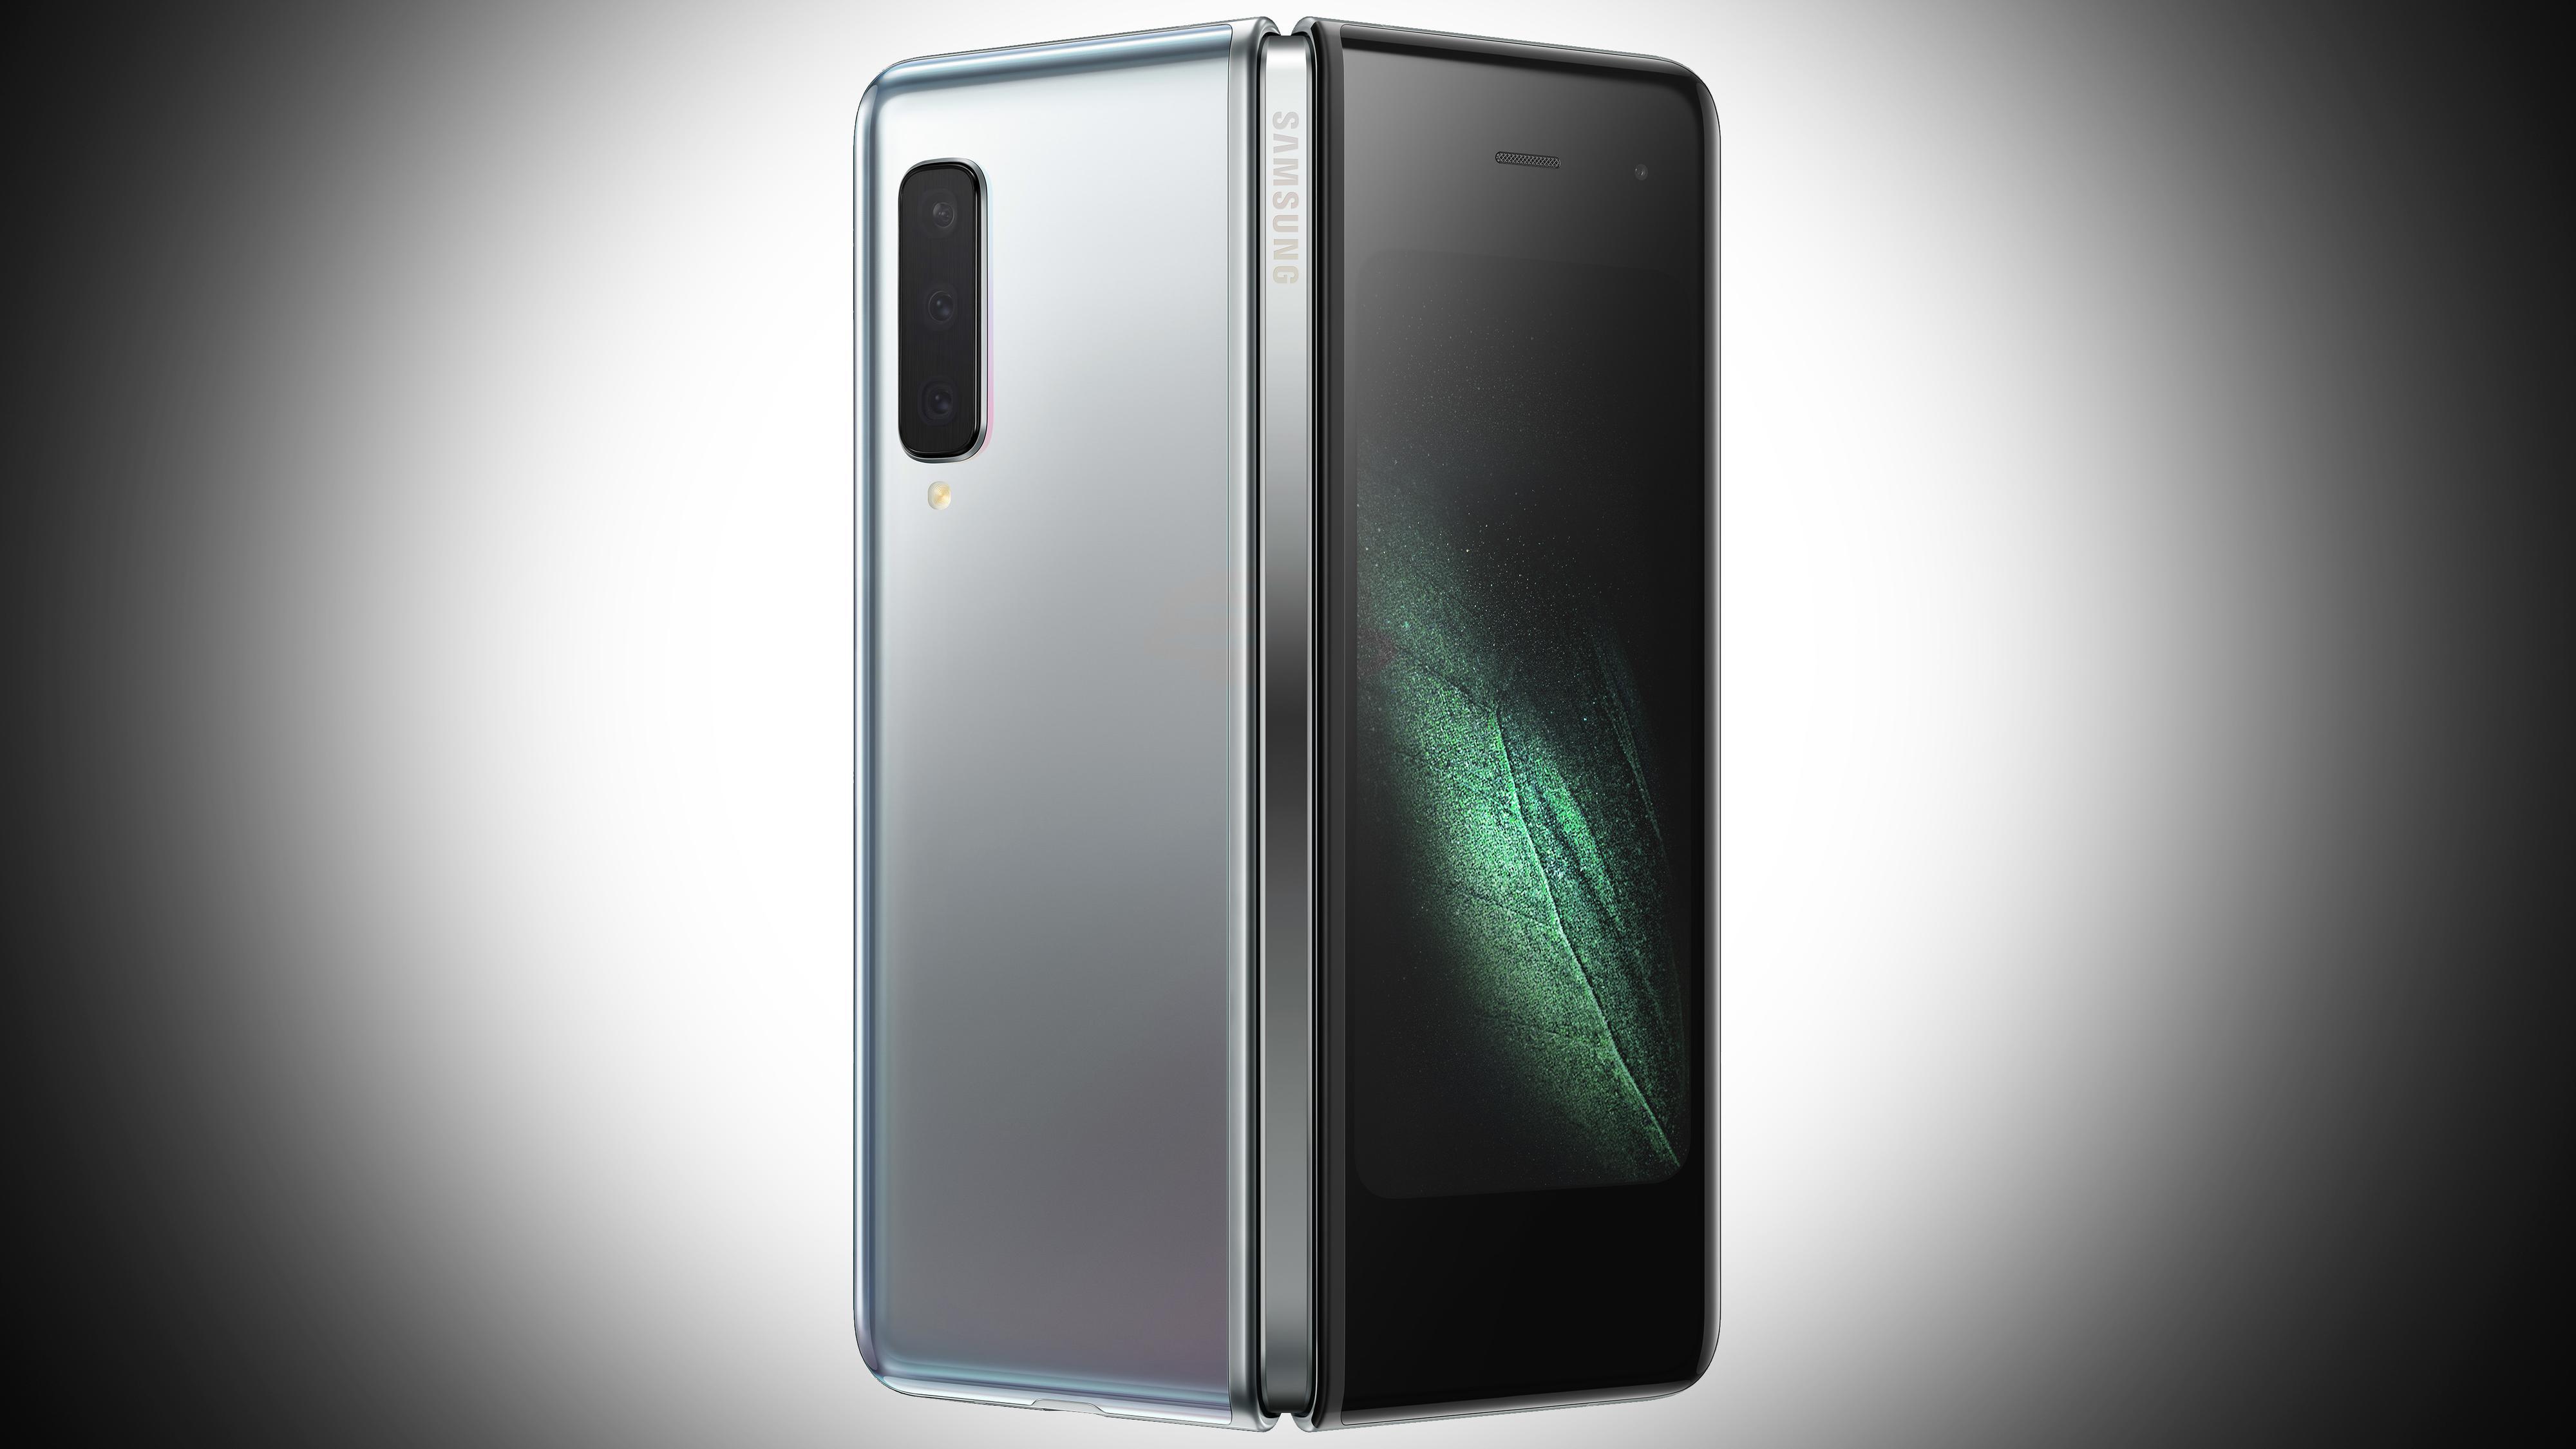 Nå har den fått lanseringsdato: Samsung Galaxy Fold kommer i september